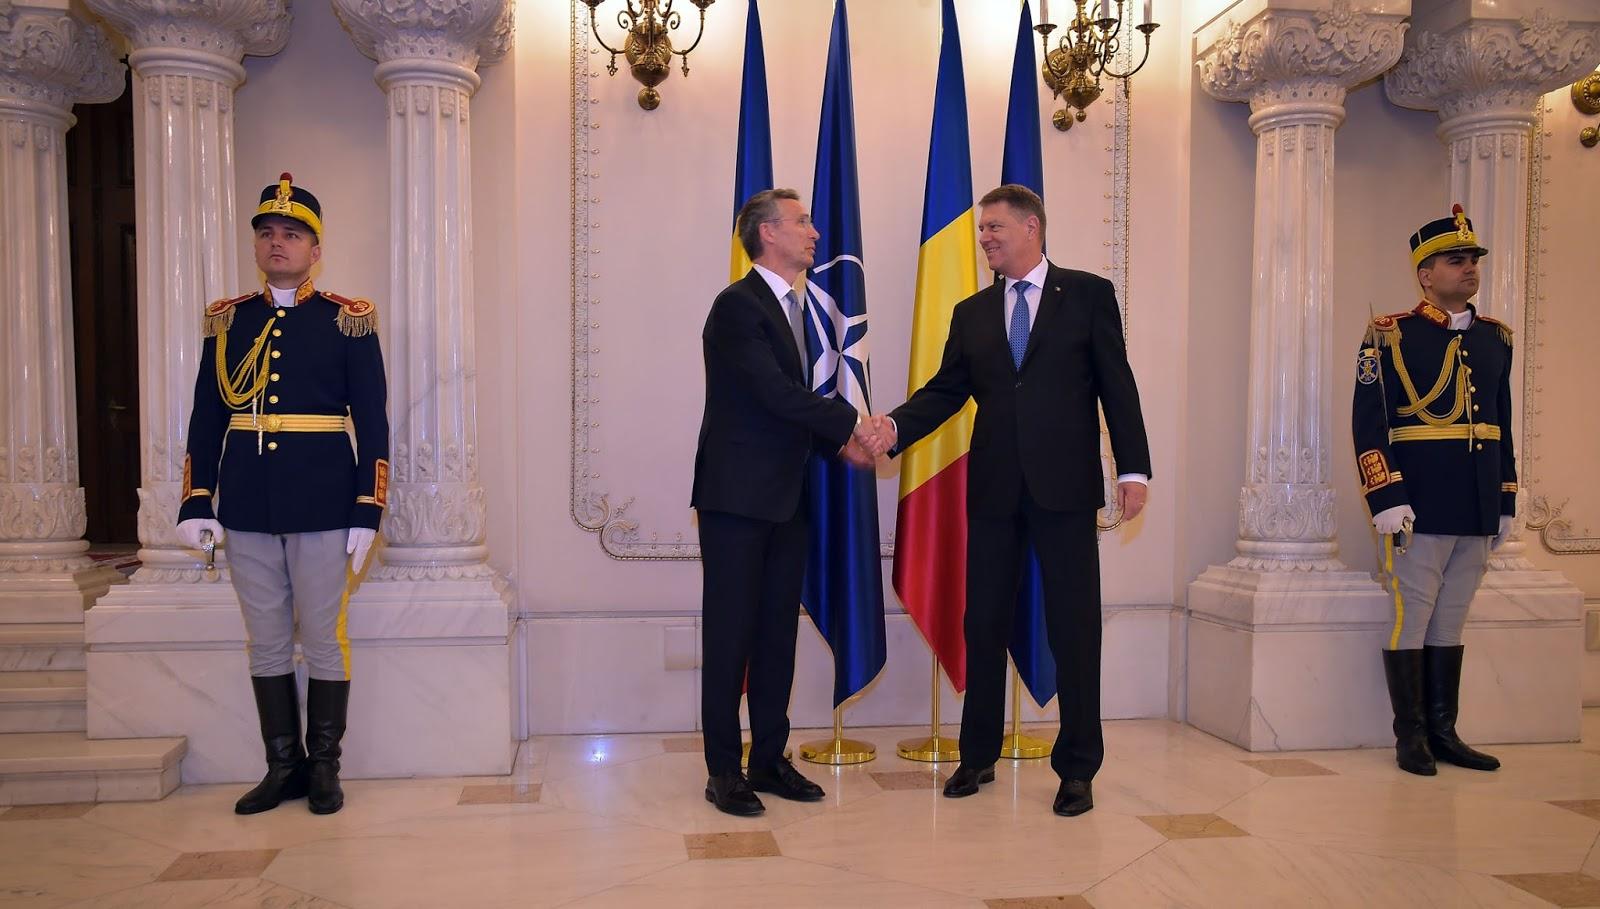 """Jens Stoltenberg, despre eforturile României în NATO: """"Contribuiți la securitatea noastră comună și la apărarea noastră colectivă"""""""